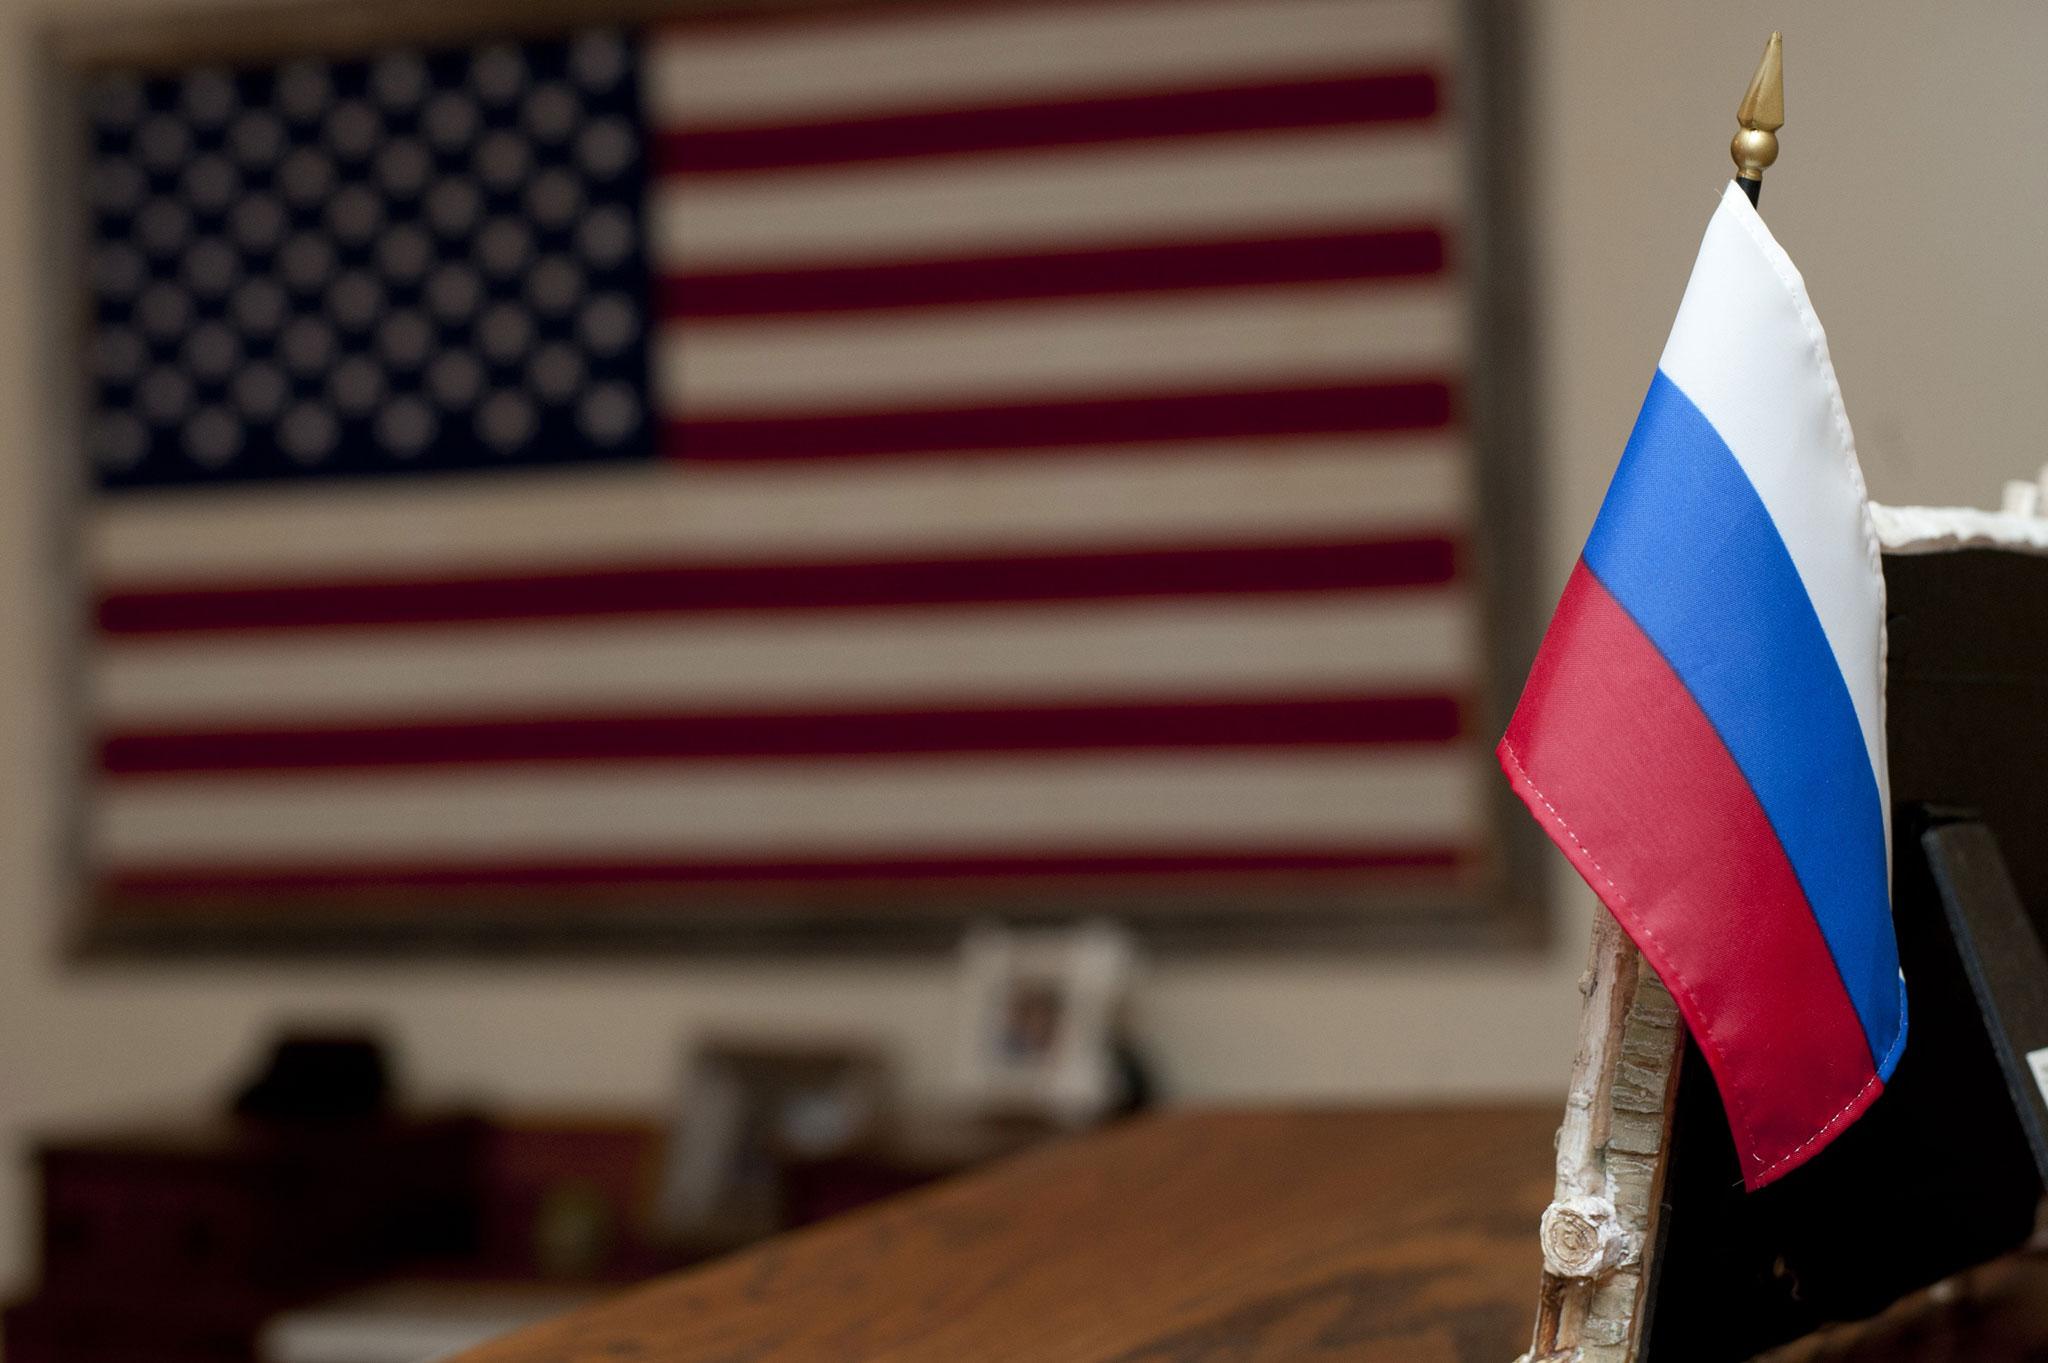 flaga-rosji-z-usa-w-tle-fot-defense-gov2-R